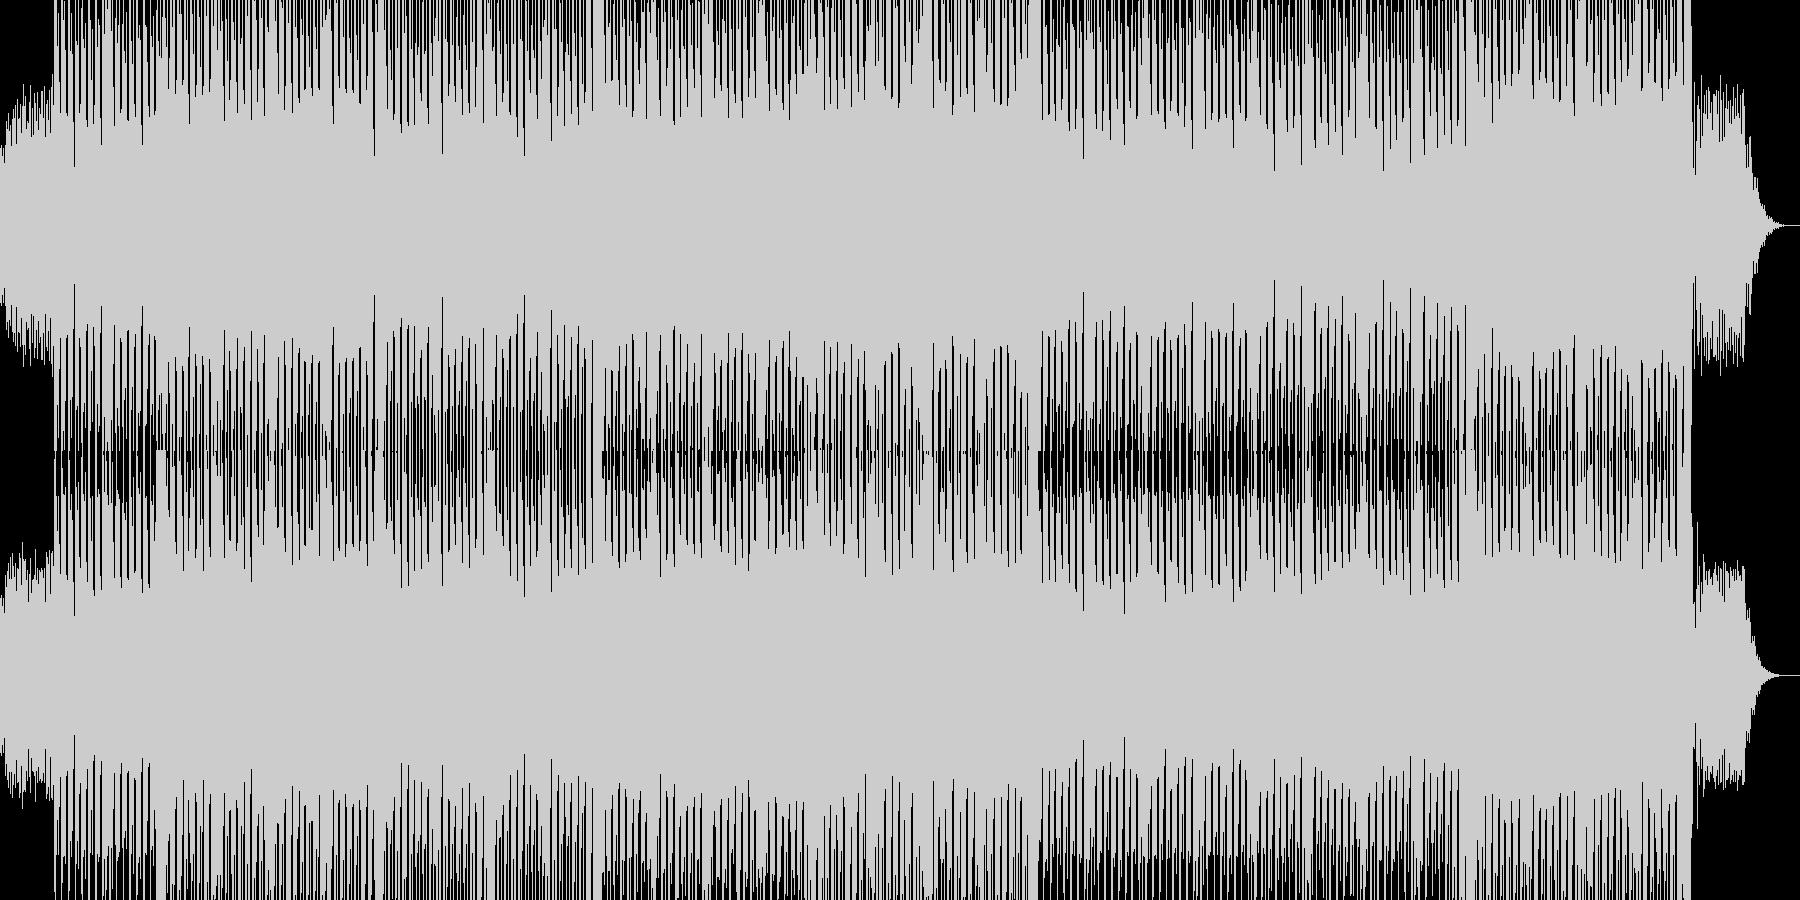 ノリノリのテクノダンスミュージックの未再生の波形